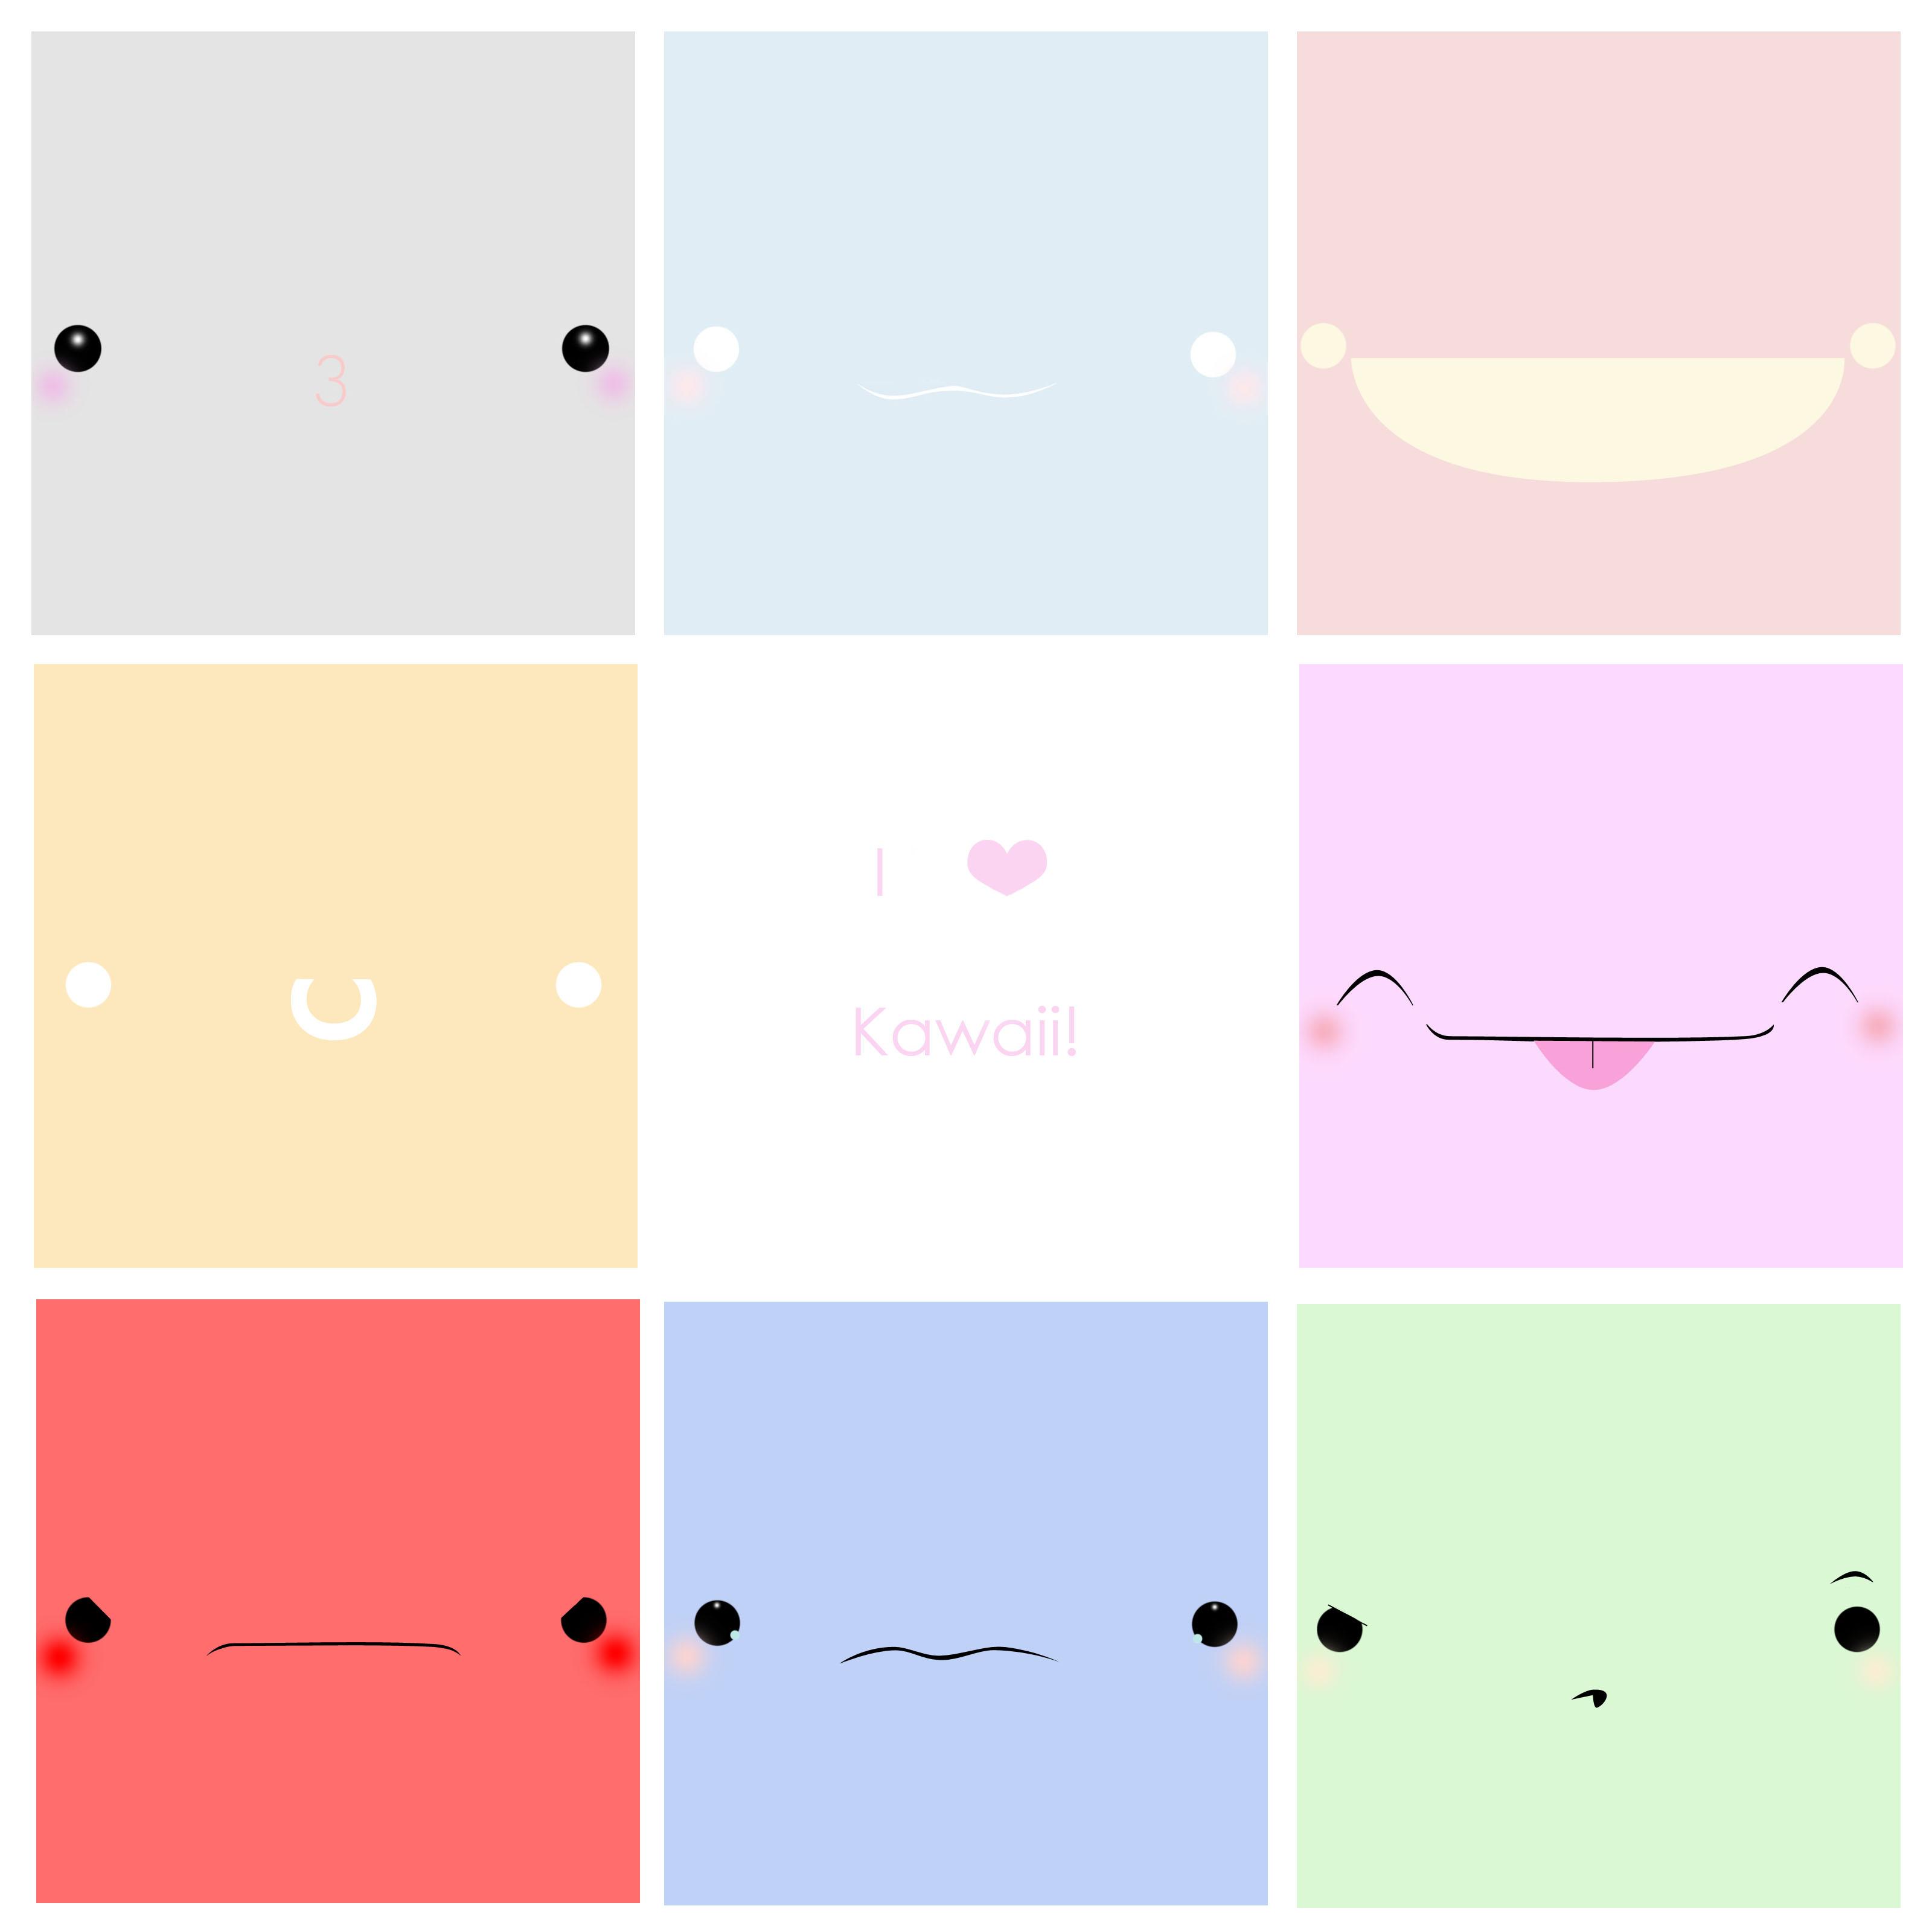 I Love Kawaii Faces by RudolphSnow